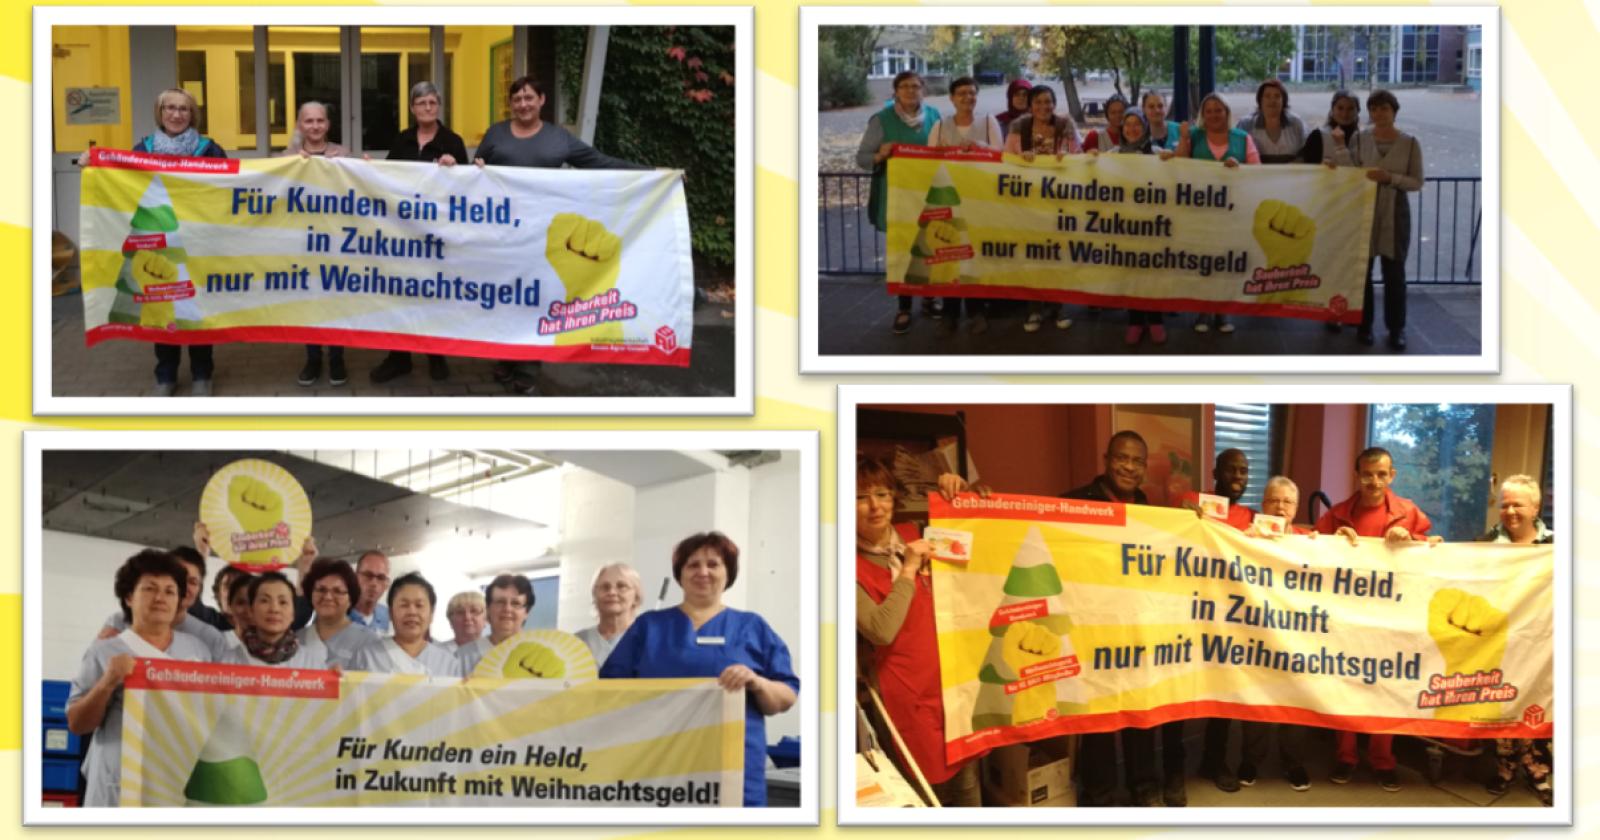 Kolleginnen aus dem Rheinland füllen Wunschzettel aus – Jetzt fehlt nur noch Weihnachtsgeld